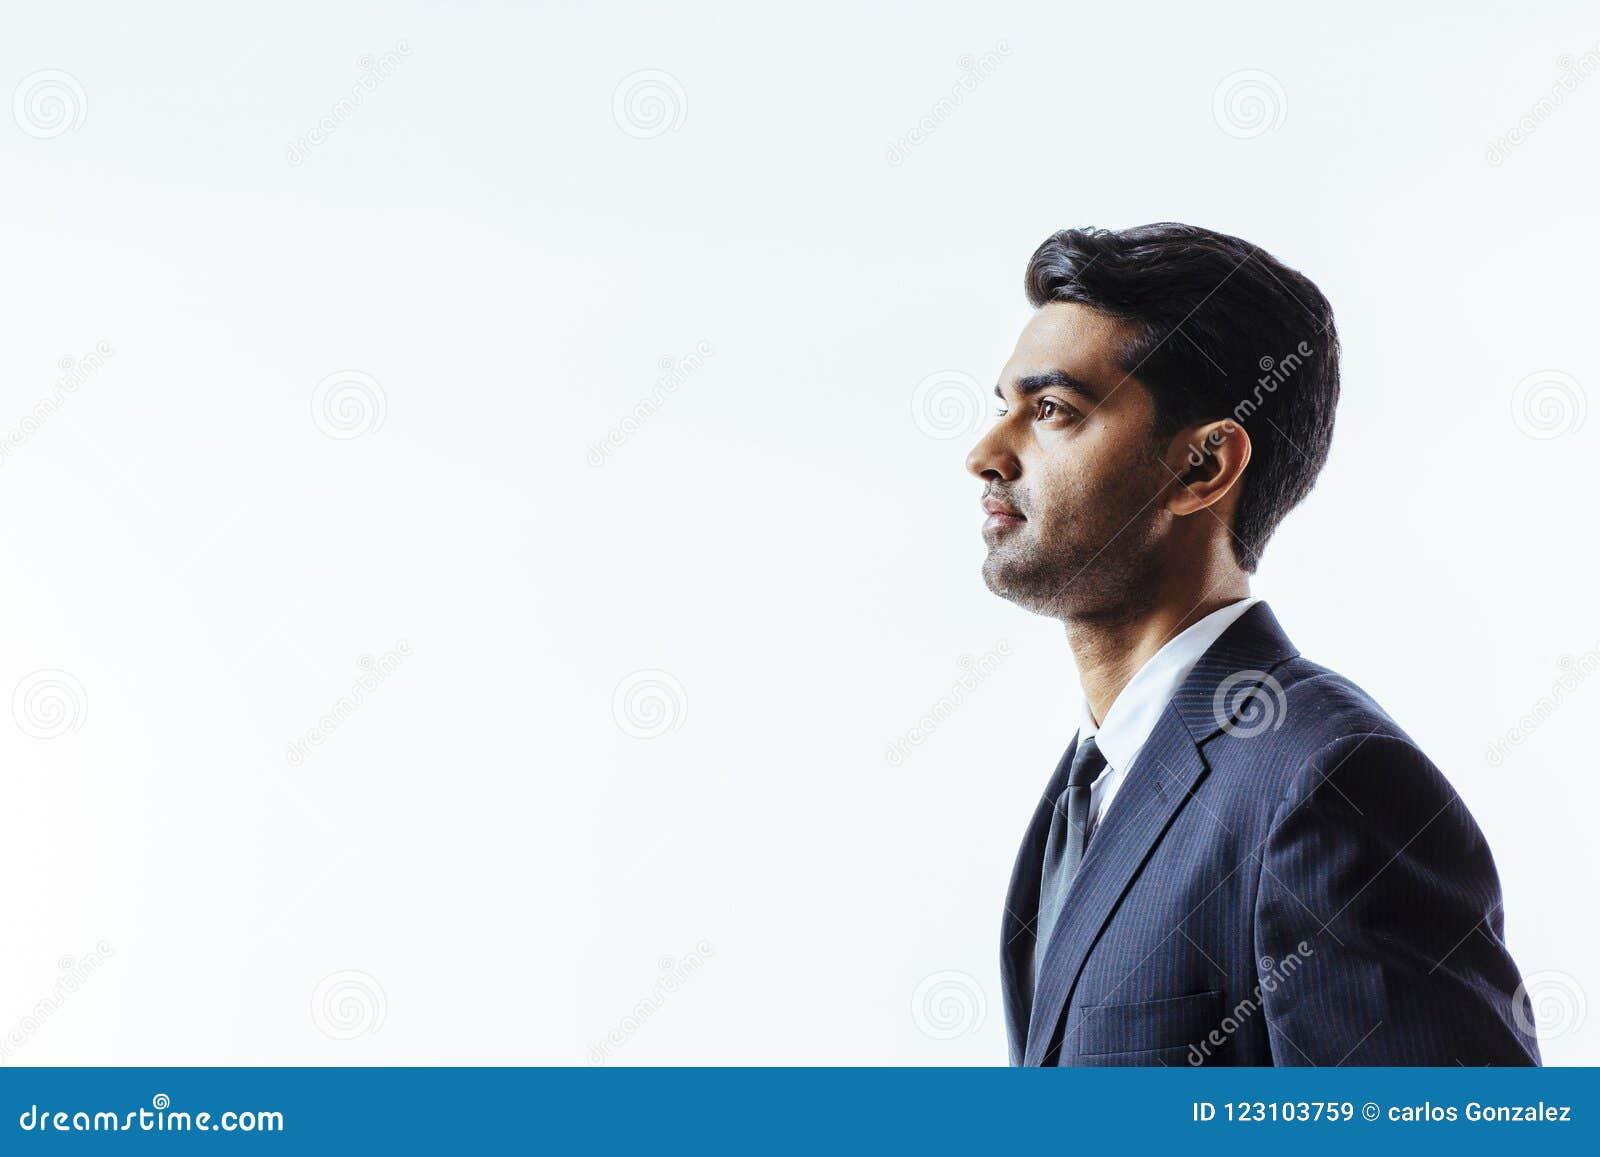 Perfile el retrato de un hombre hermoso en traje